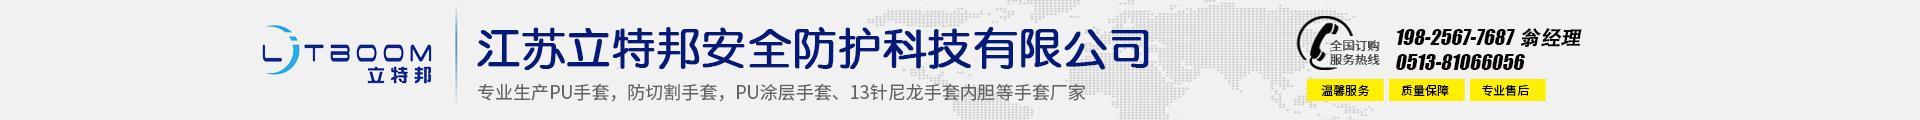 江蘇立特邦安全防護科技有限公司